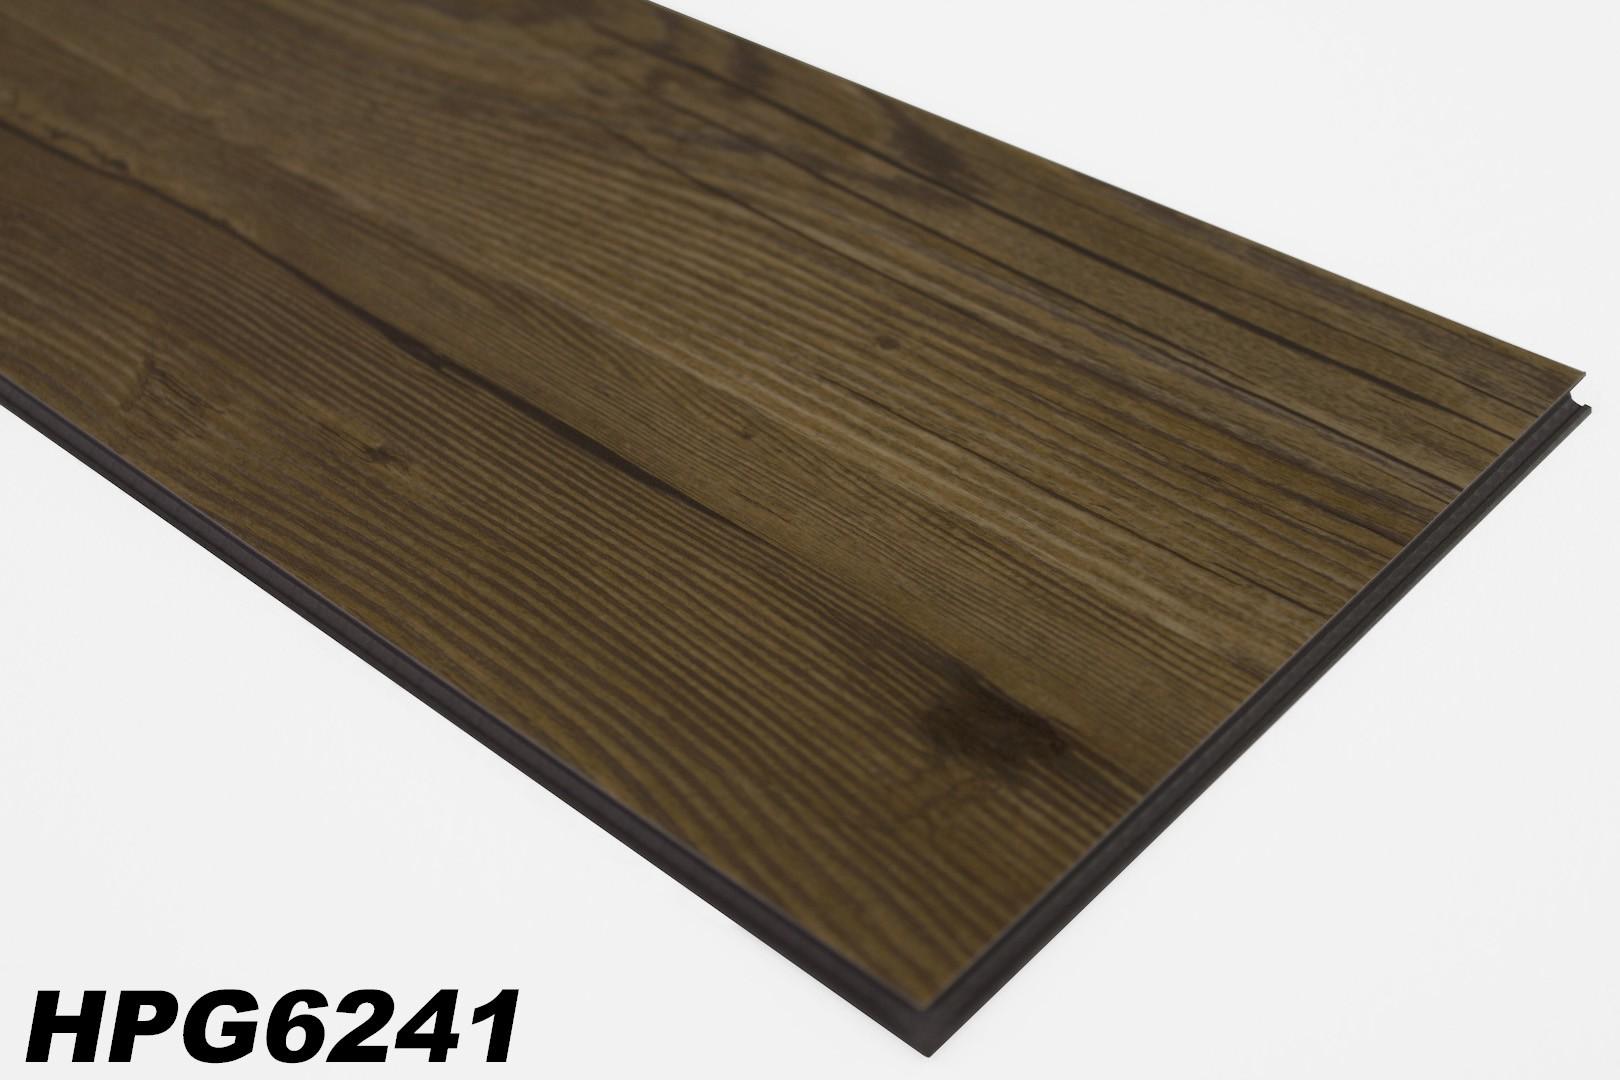 25,44 m² Vinyldielen in 4,2mm Klicksystem PVC-Boden Nutzschicht 0,3mm, HPG6241